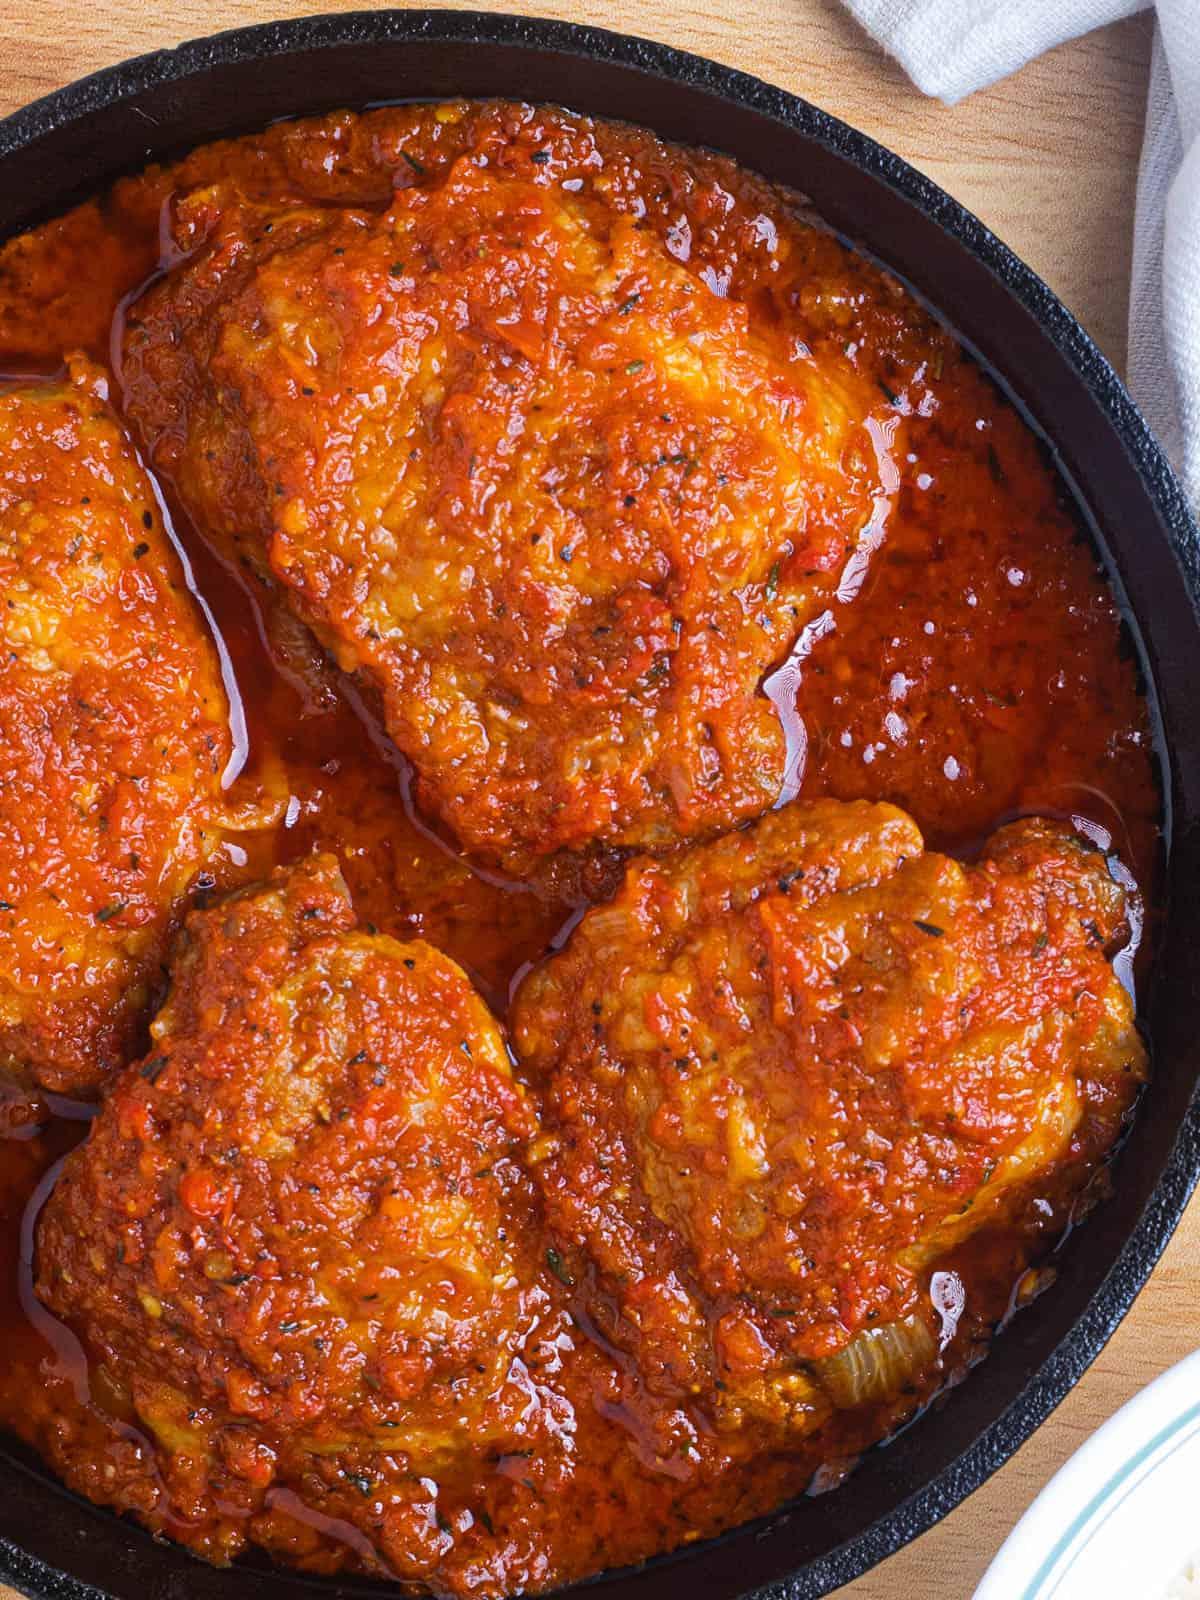 nigerian chicken stew in a pan